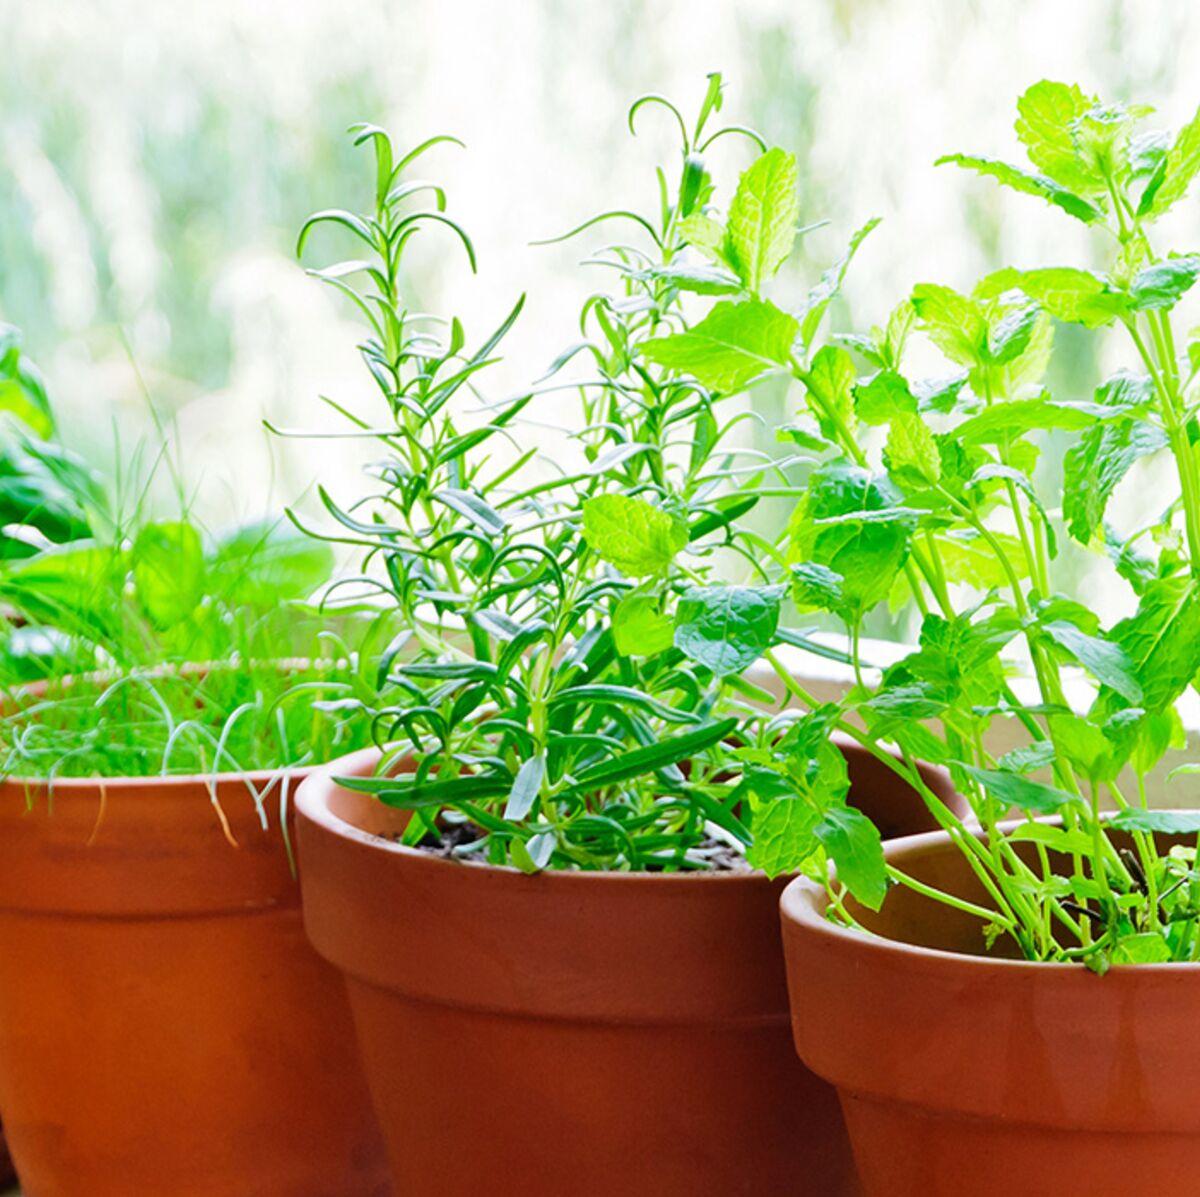 Comment Bien Faire Pousser Du Basilic comment faire pousser des herbes aromatiques ? : femme